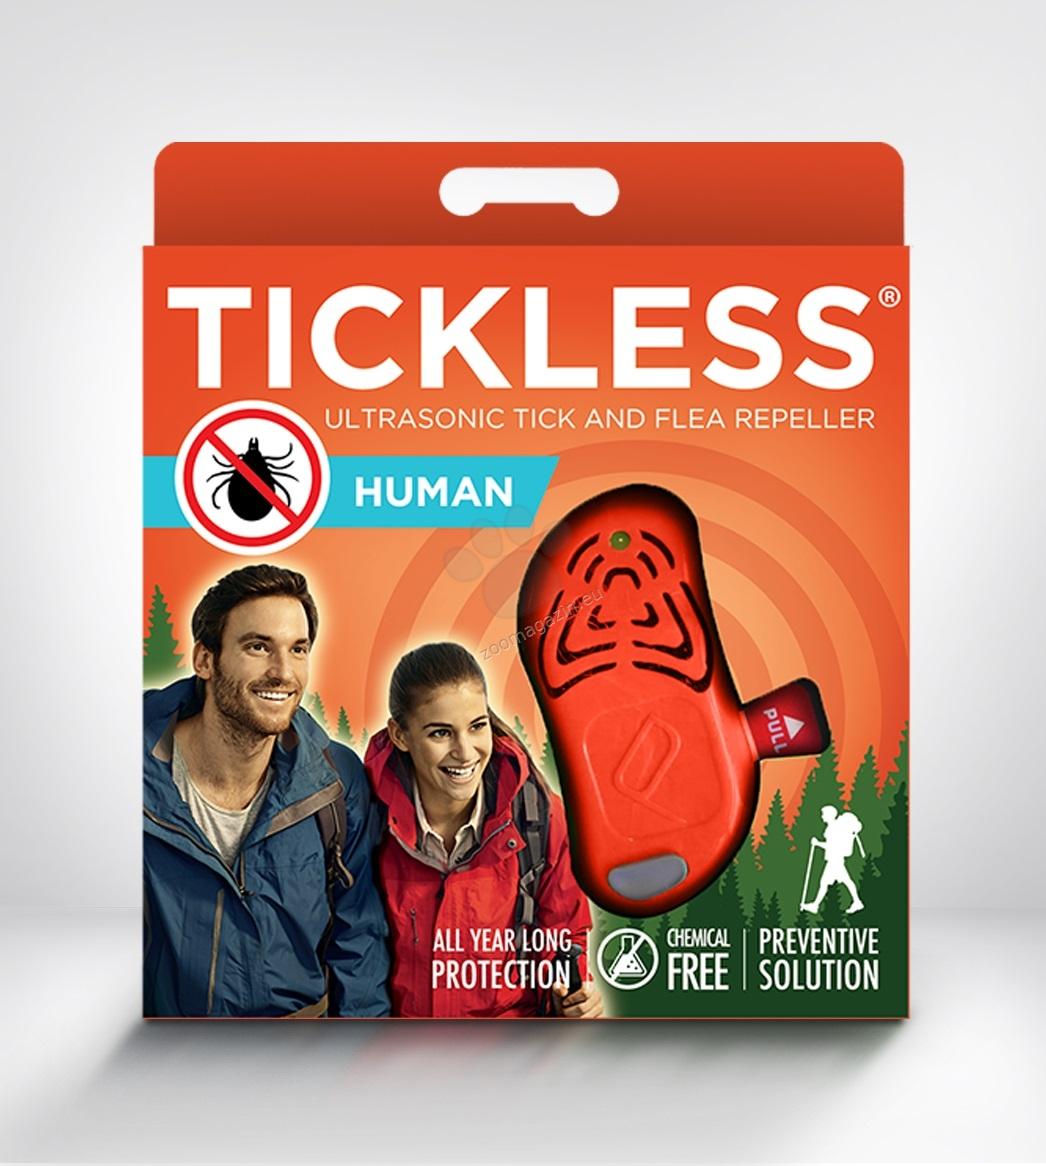 TickLess Ultrasonic Human - електронен уред за предпазаване от кърлежи за деца над 3-годишна възраст и възрастни / зелен, оранжев /